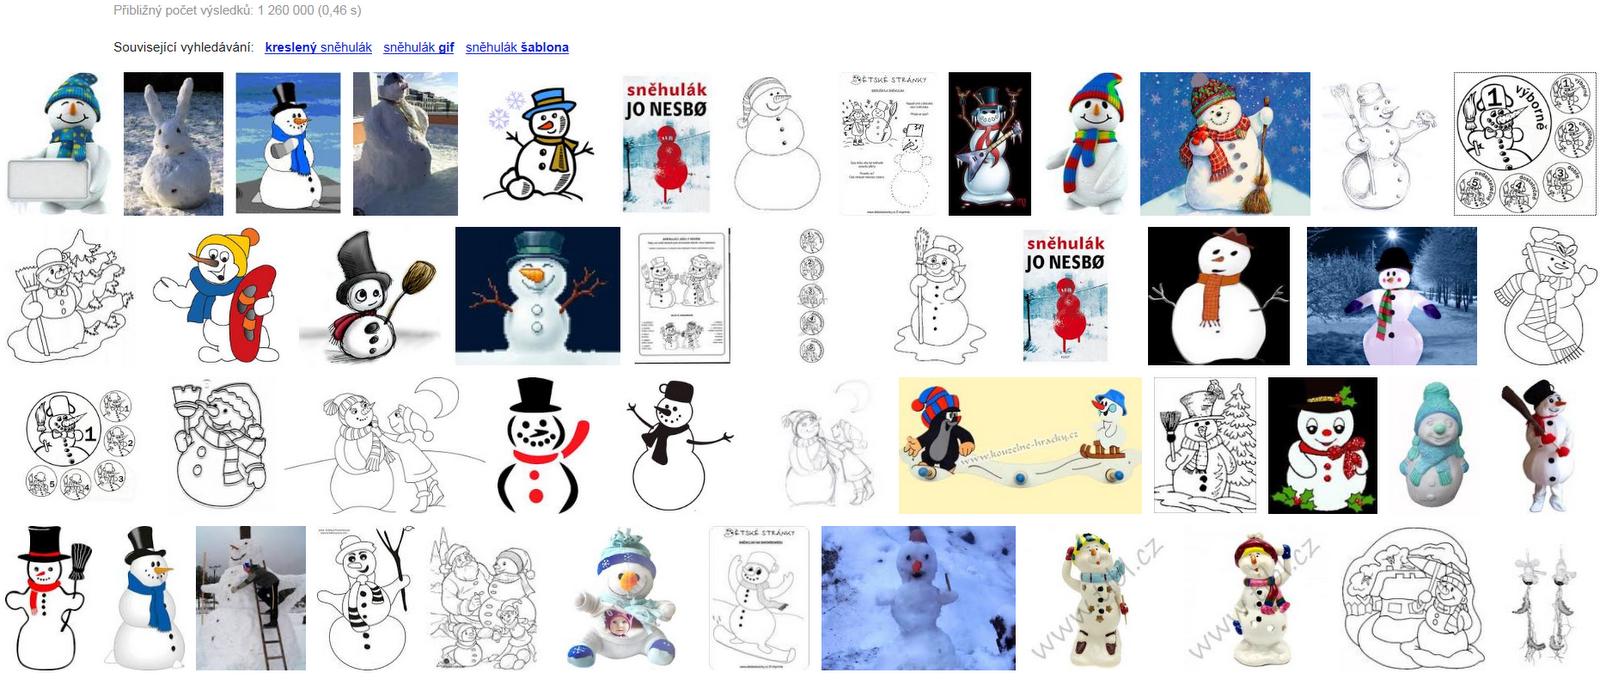 Sněhulák - obrázky a šablony ke stažení